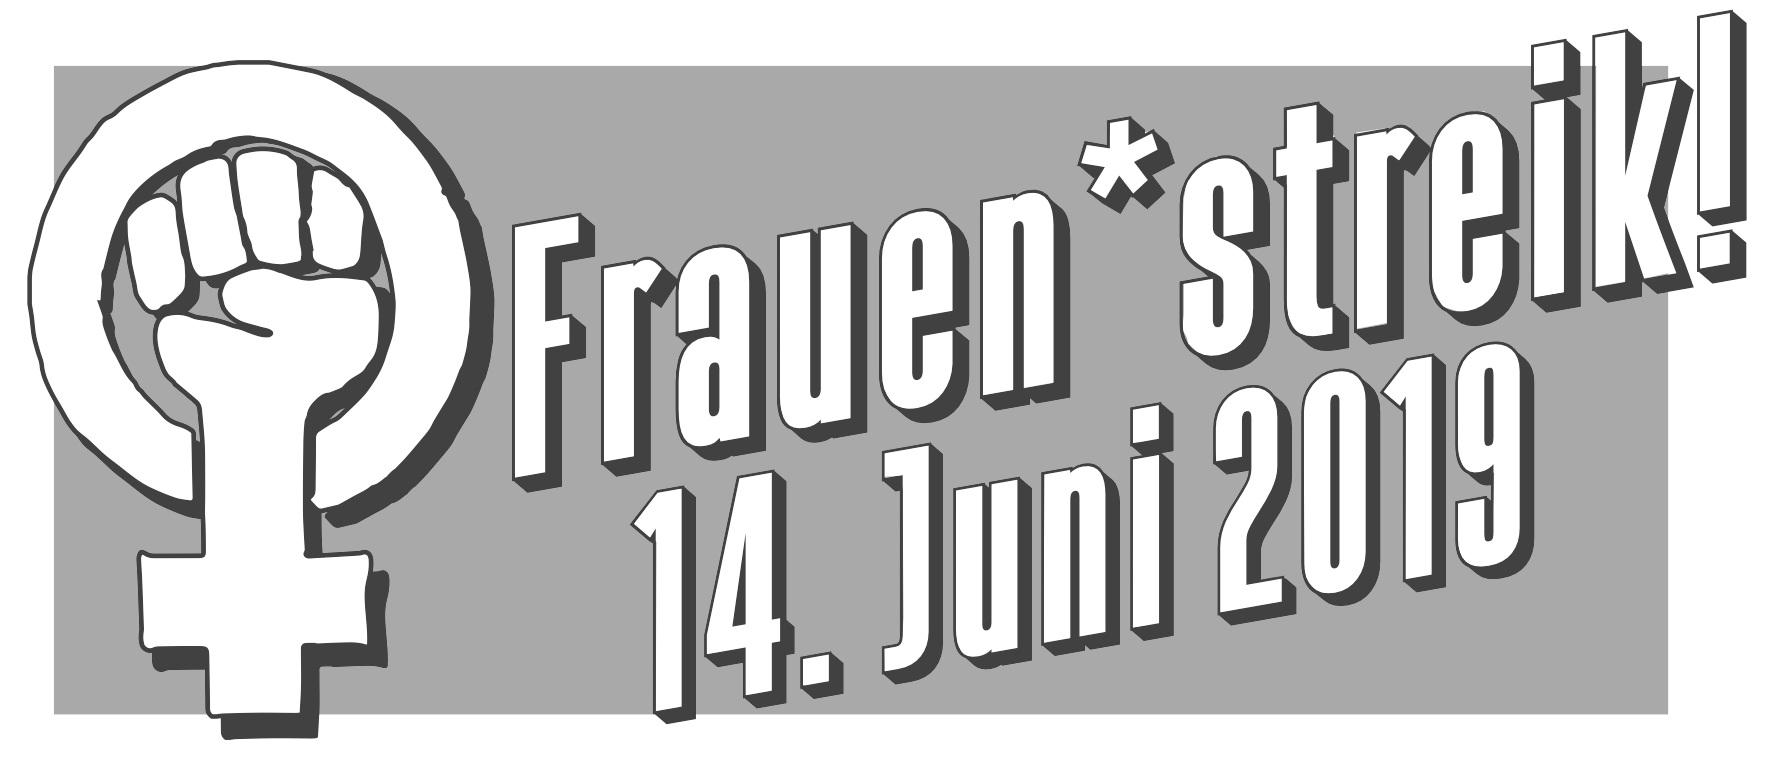 frauenstreik-logo_mitdatum_trans.jpg